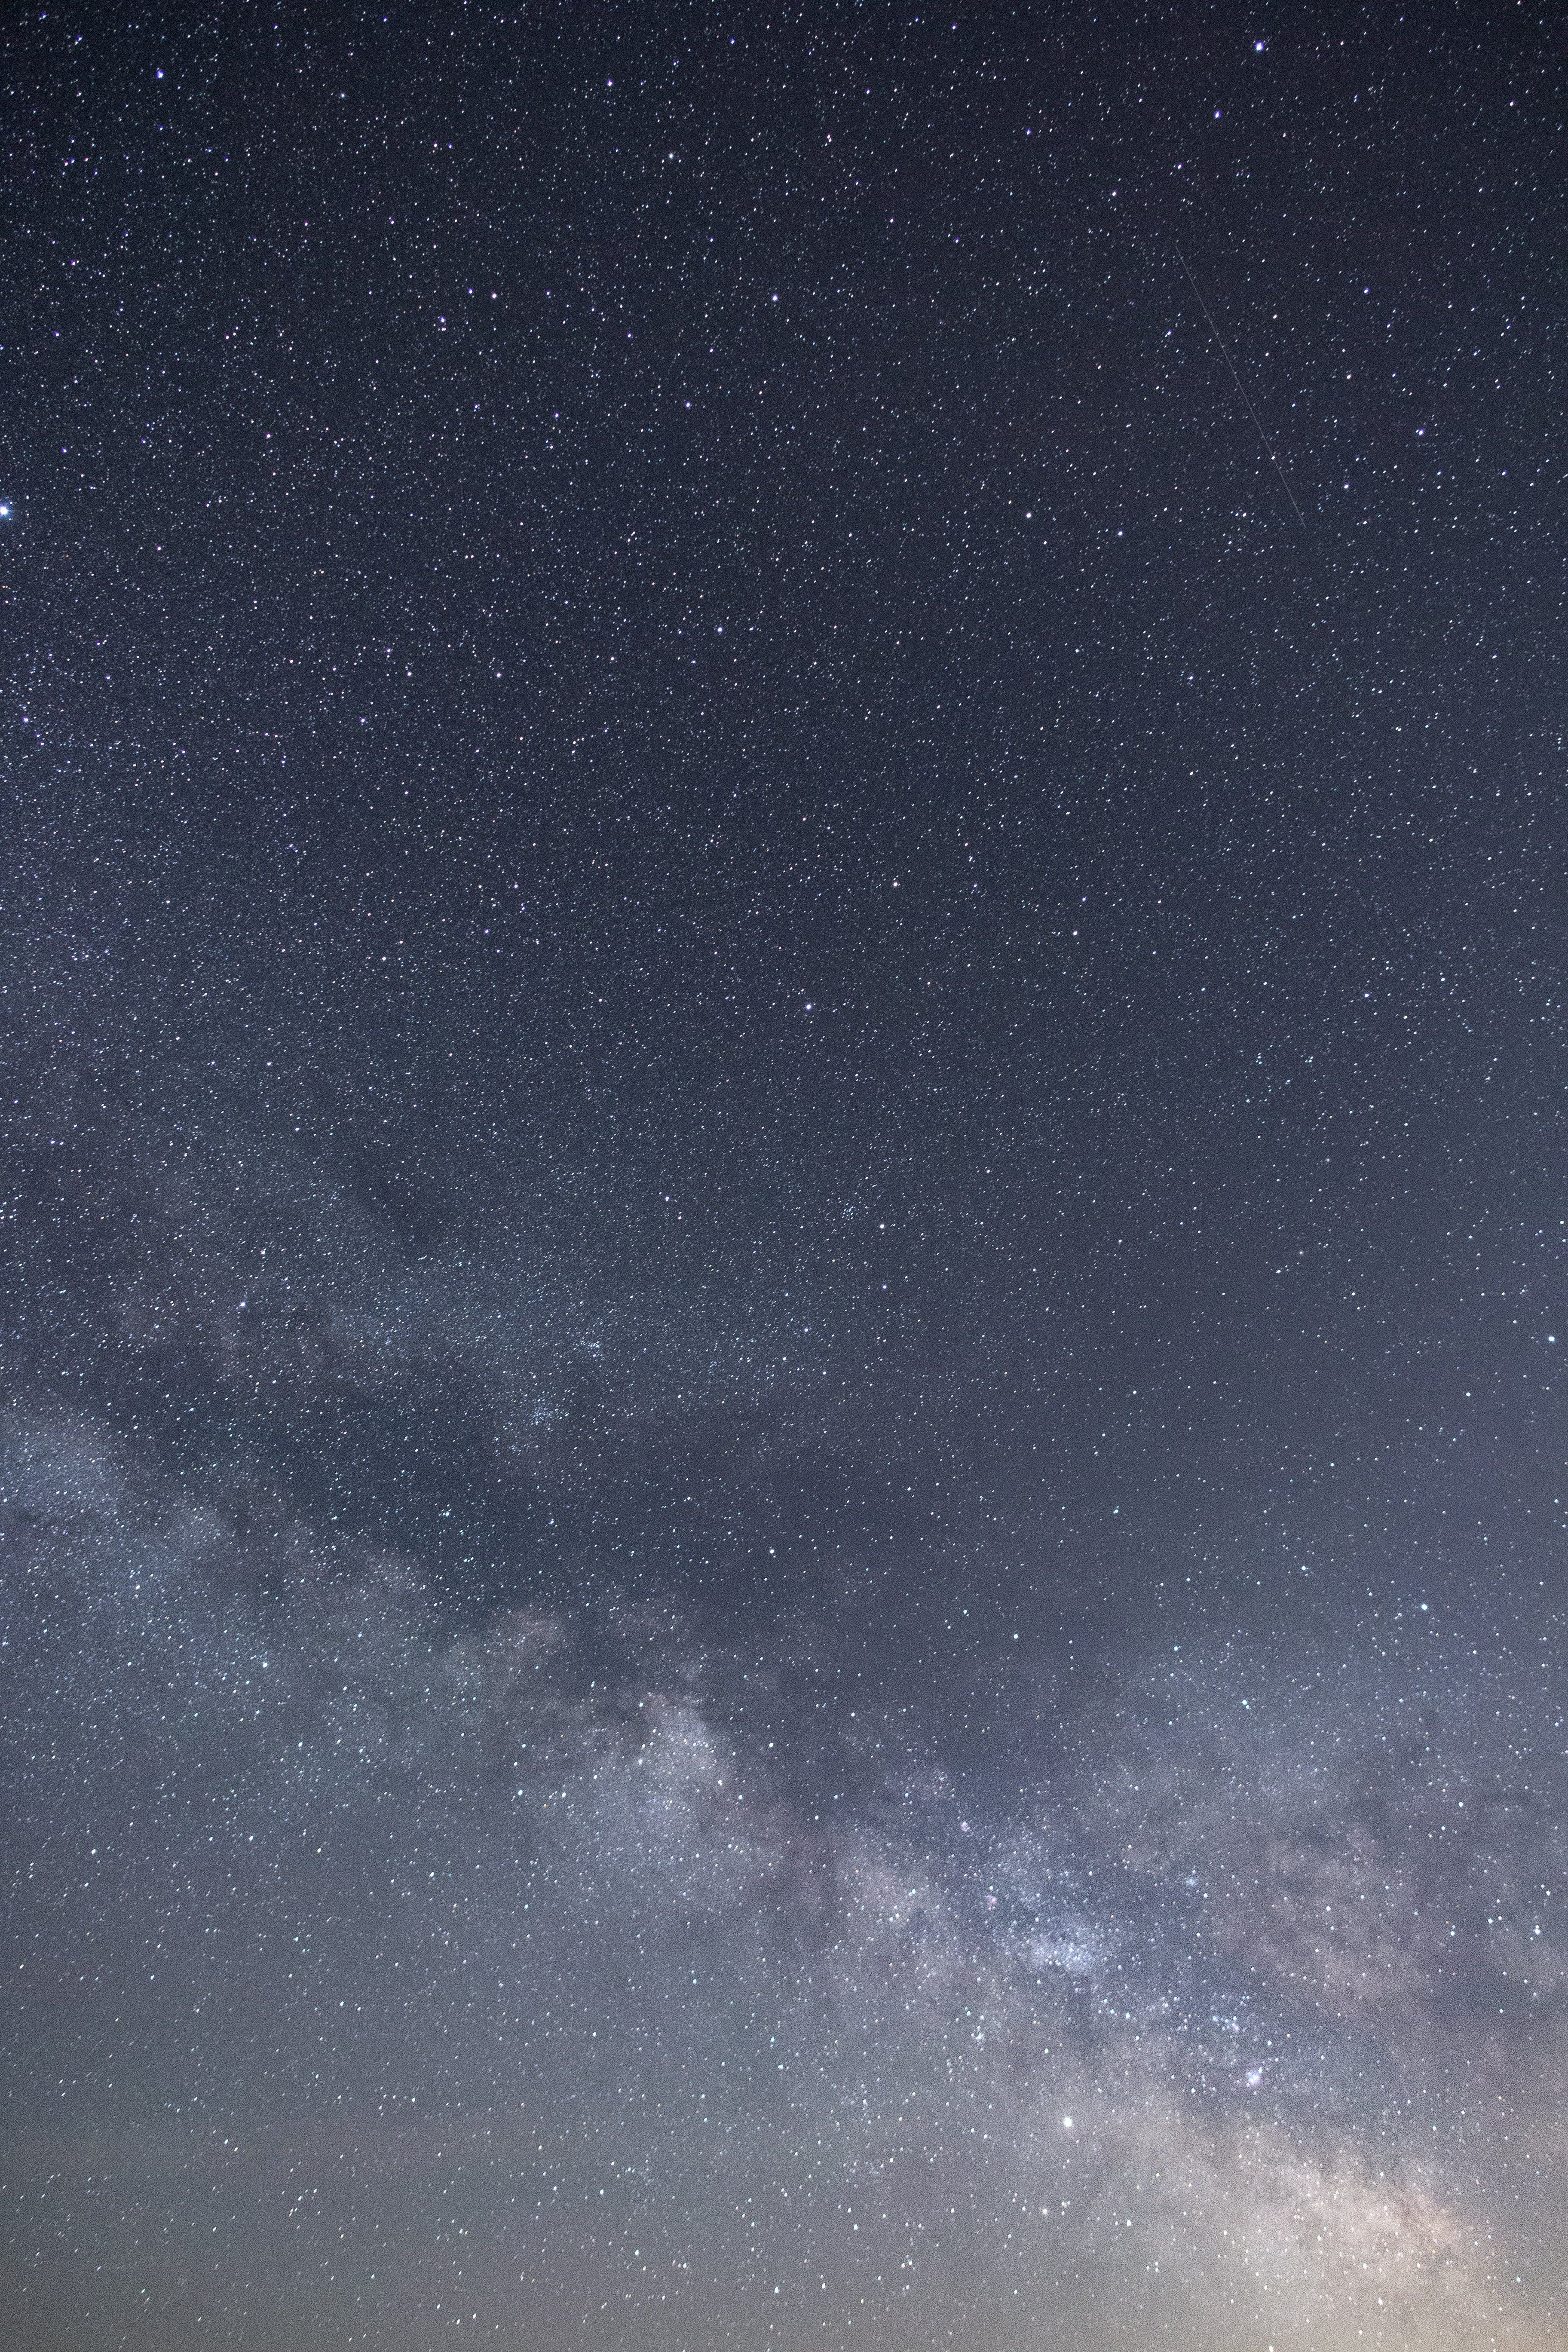 Gratis stockfoto met astronomie, beroemdheden, donker, galaxy